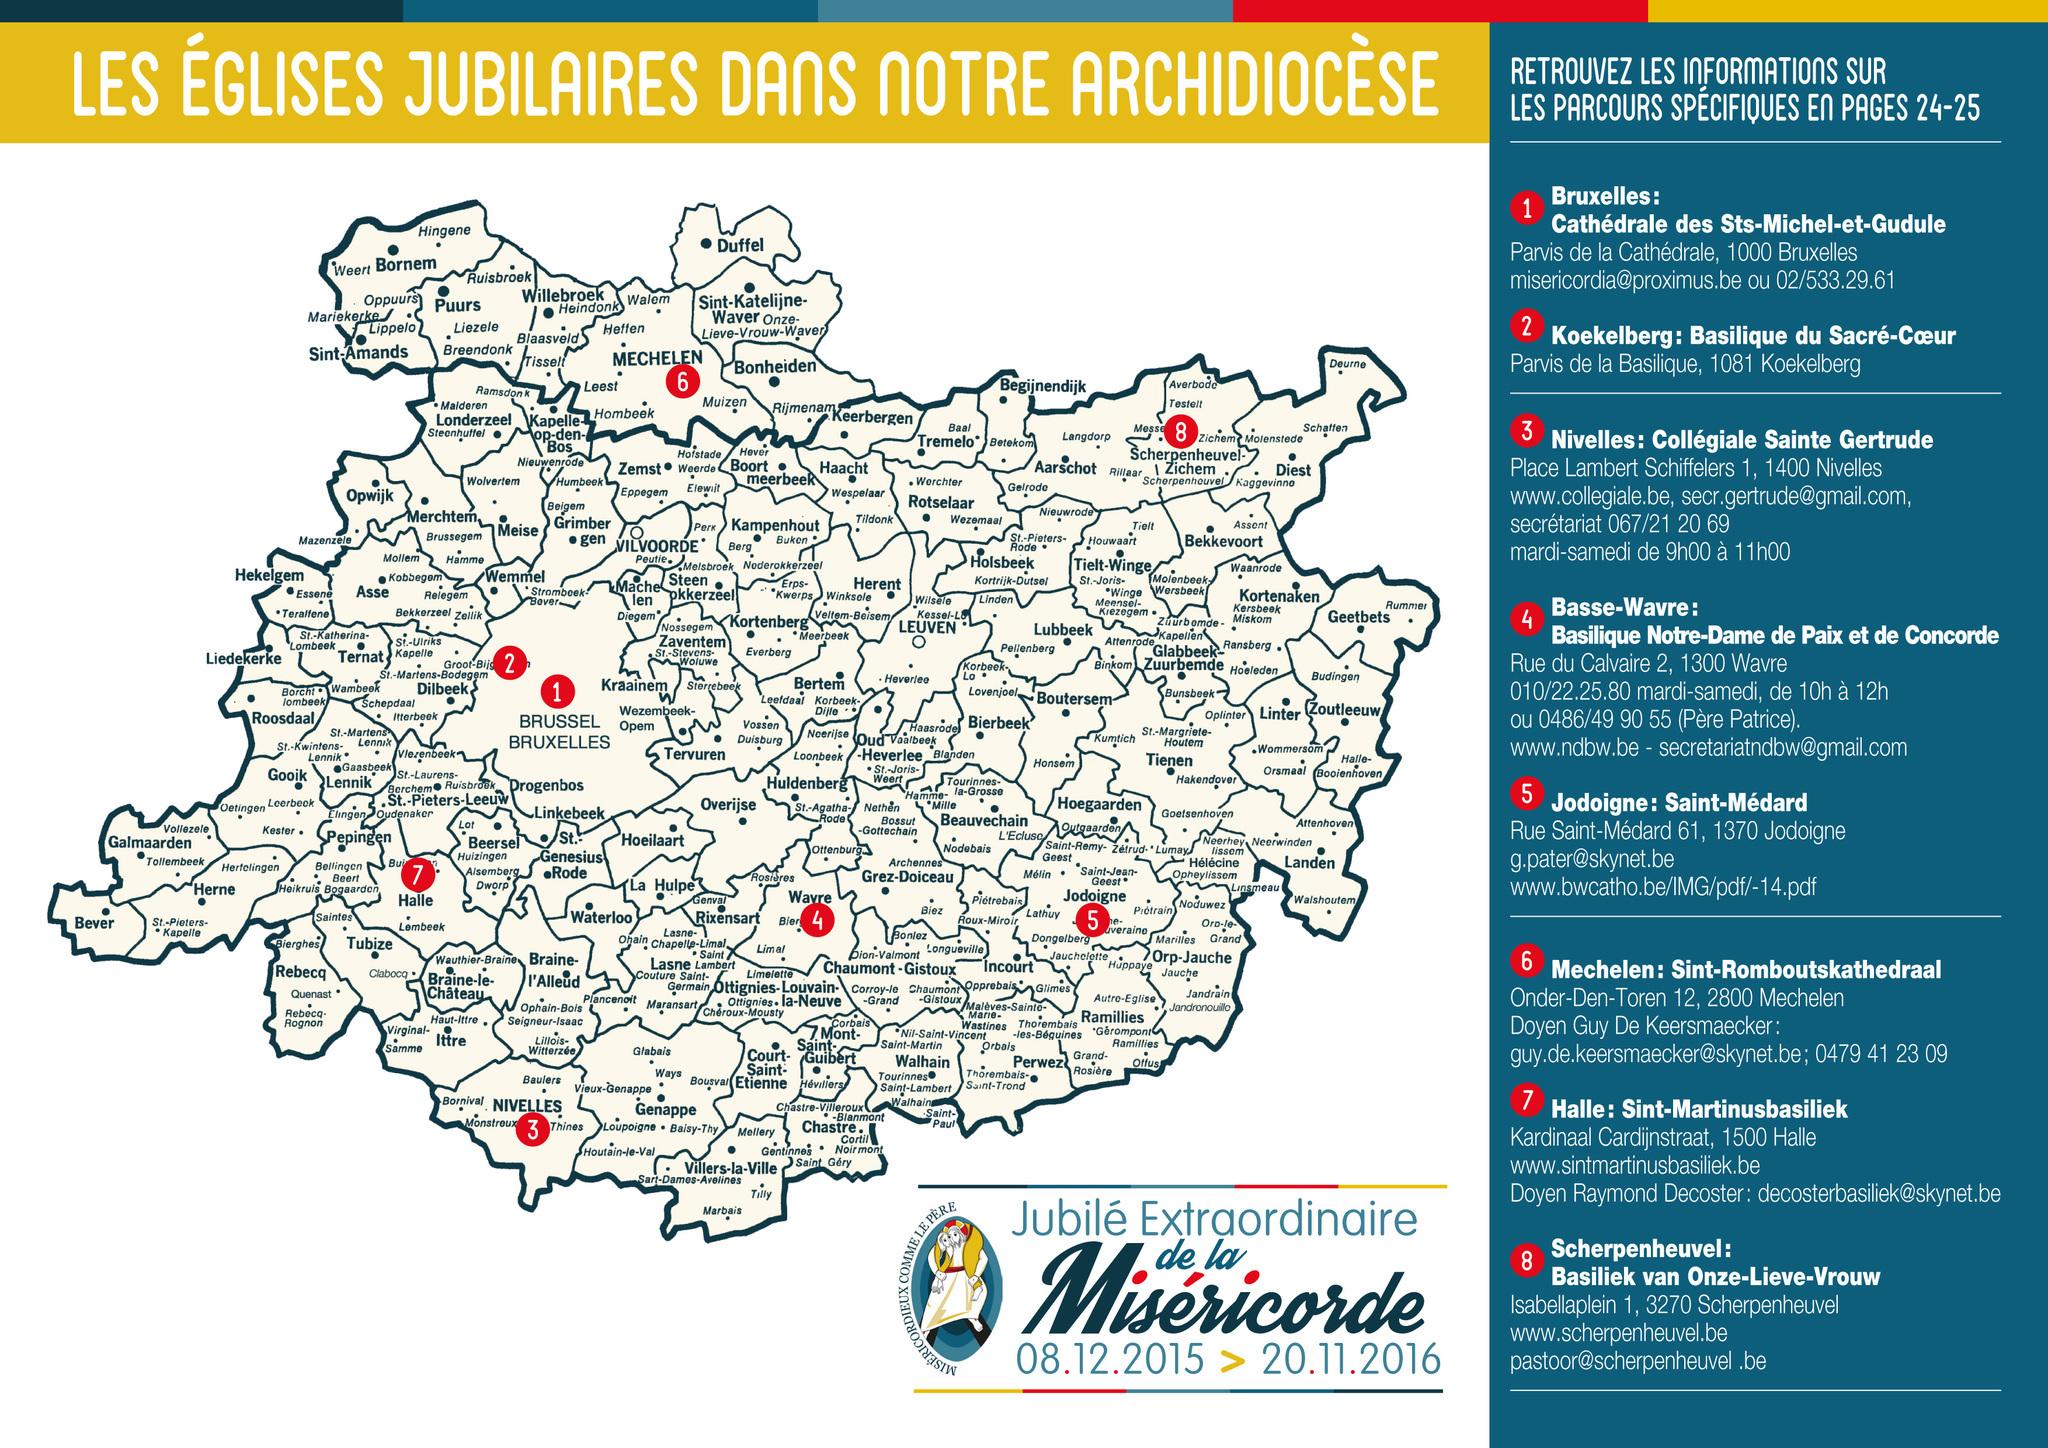 La carte des églises jubilaires